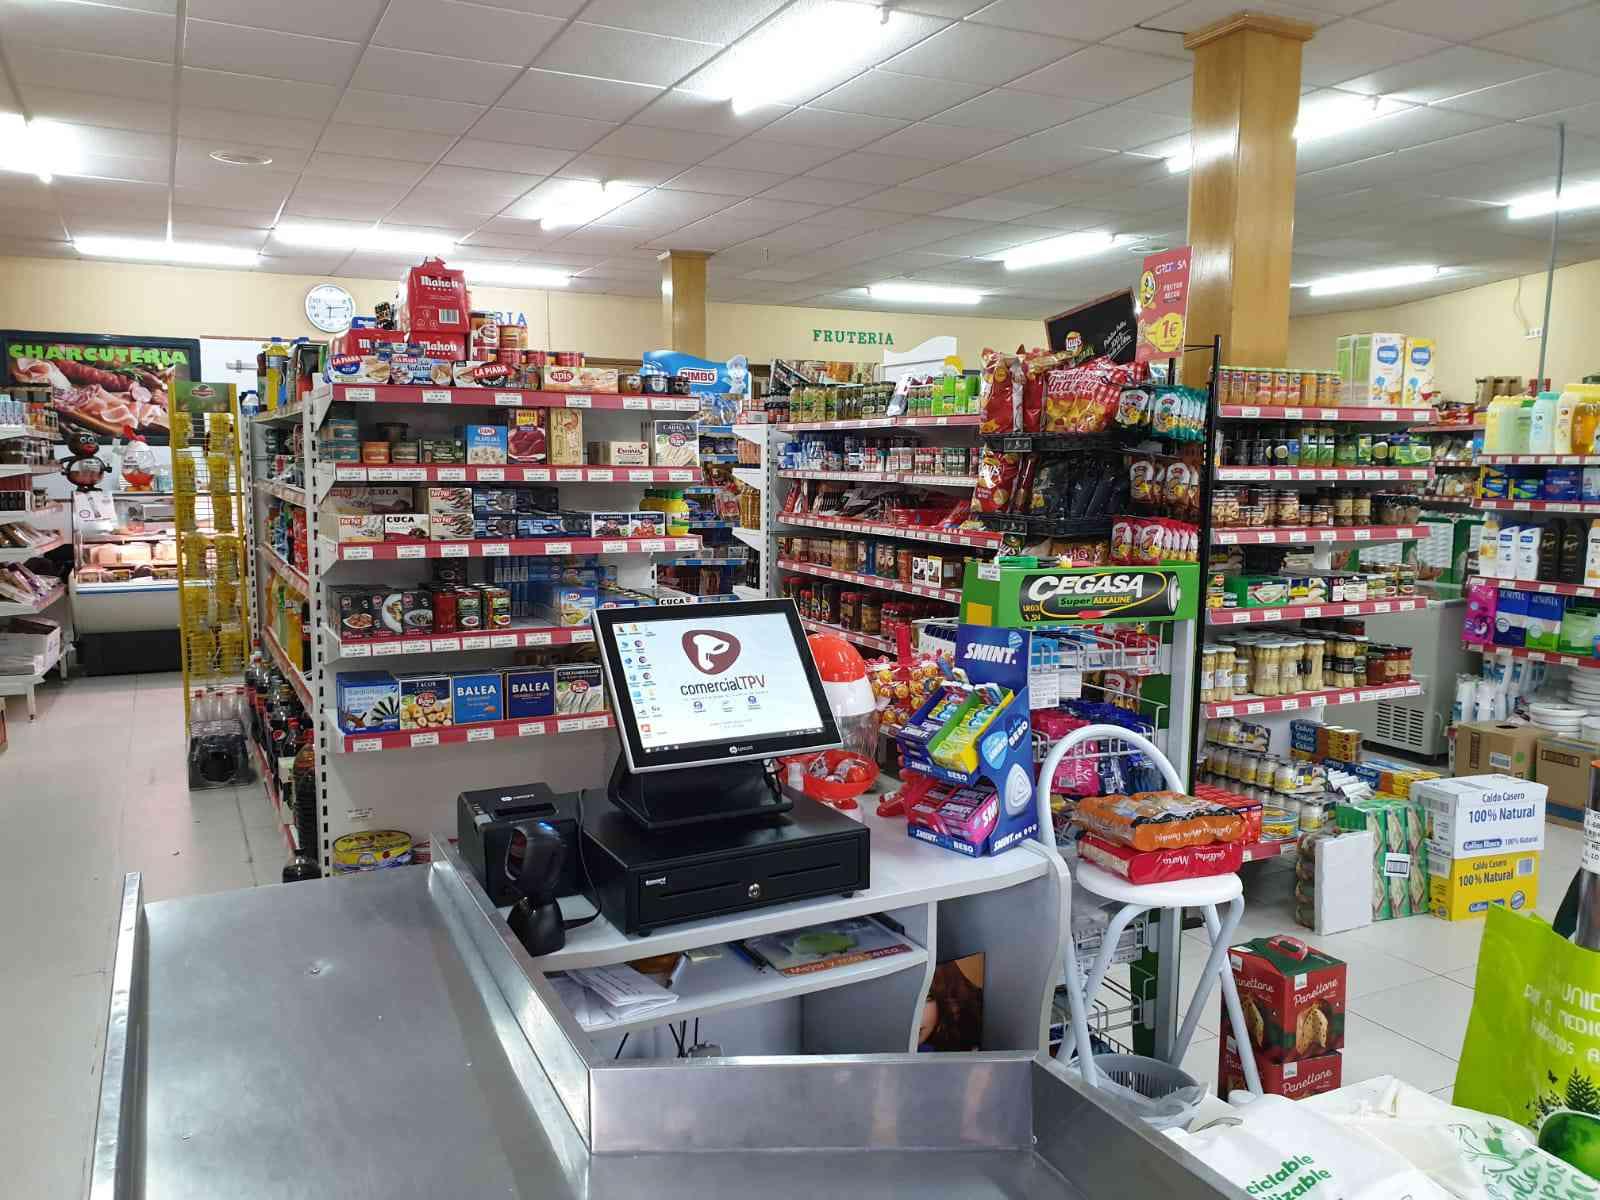 TPV Supermercado Las Navas